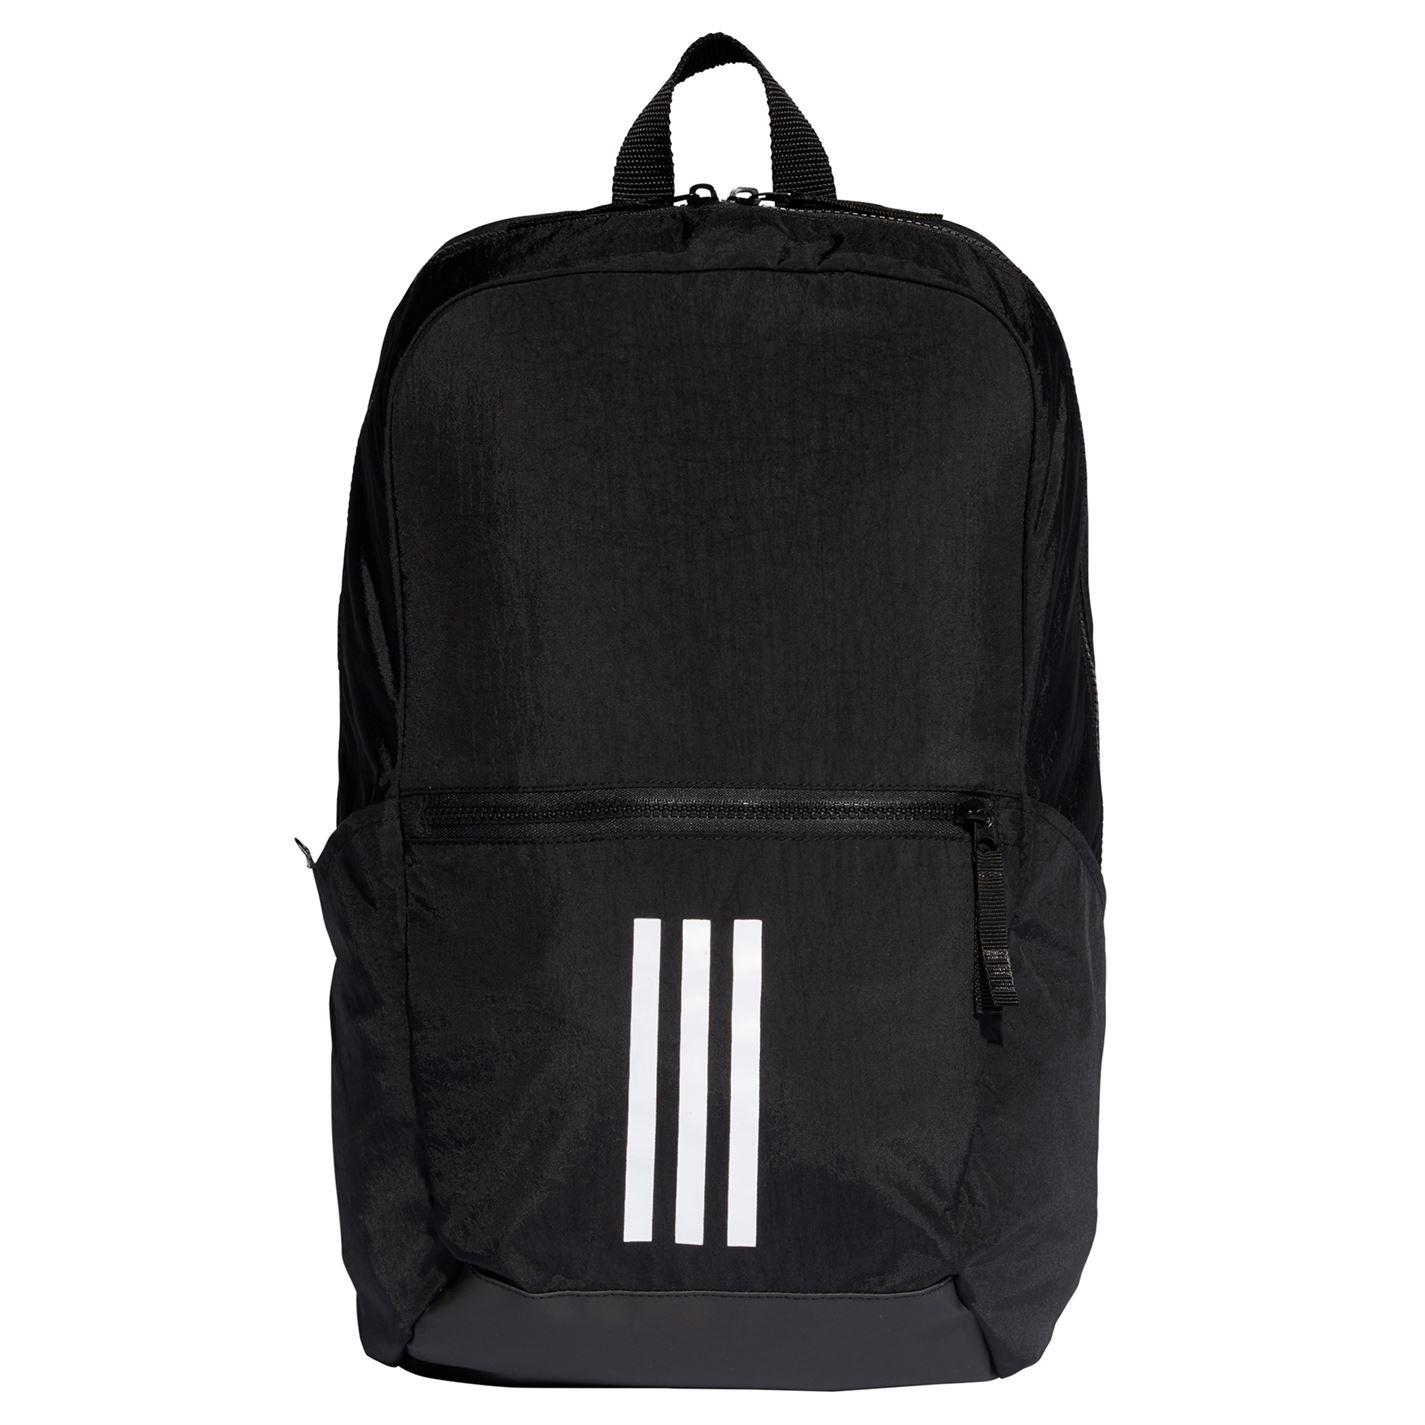 5bfd71e12f24 Adidas shoulder bag m66964 | Sleviste.cz